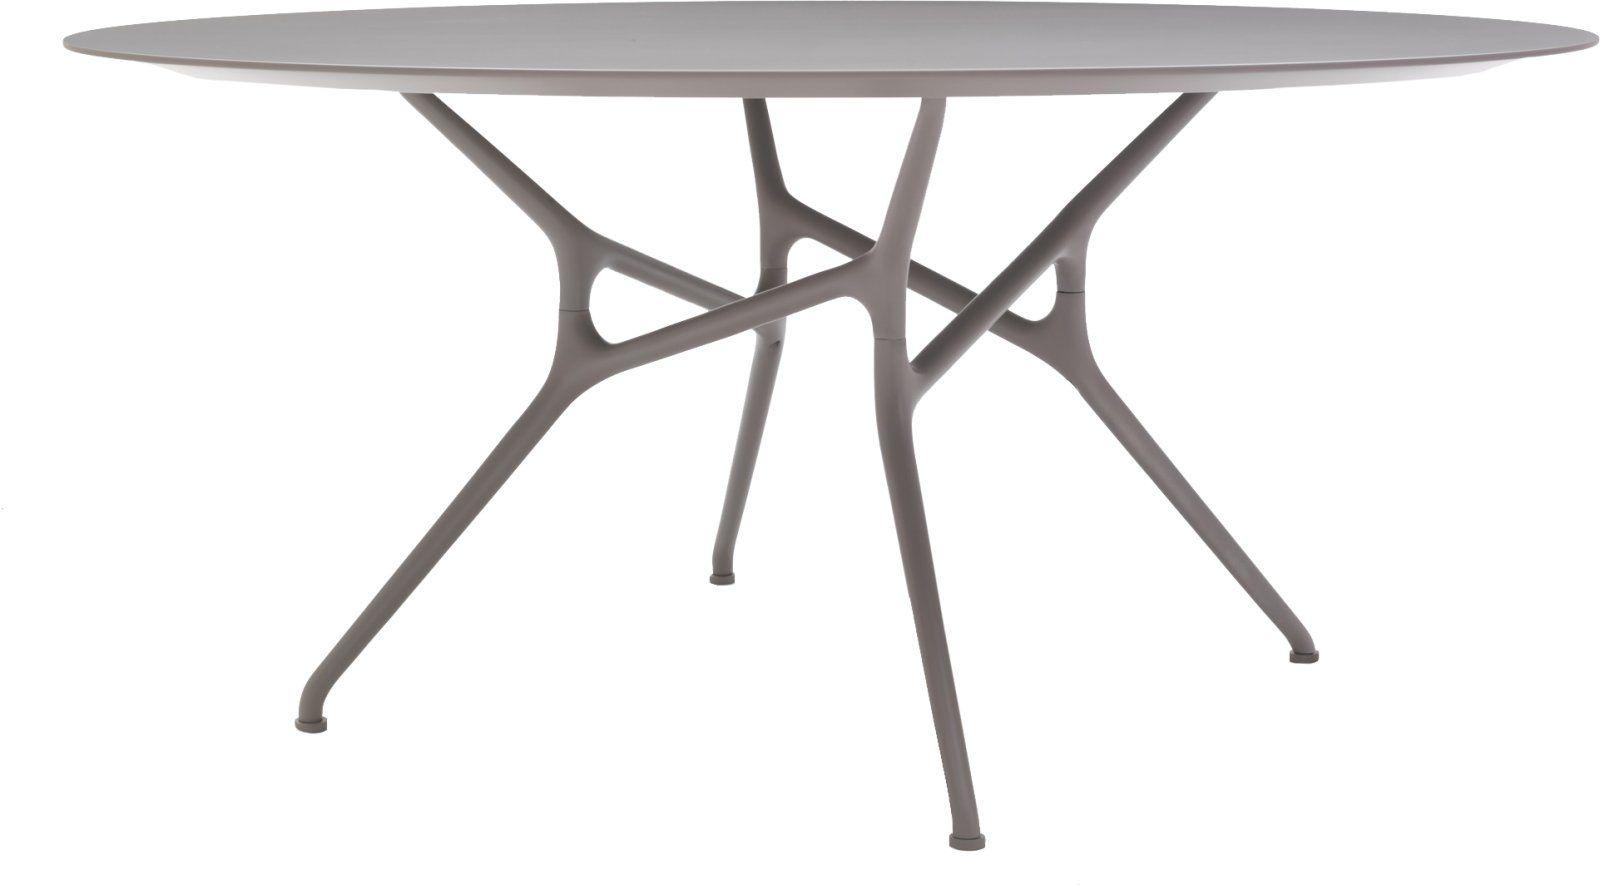 cercare super qualità le migliori scarpe Cappellini - Branch table | Table, Coffee table design, Dining table